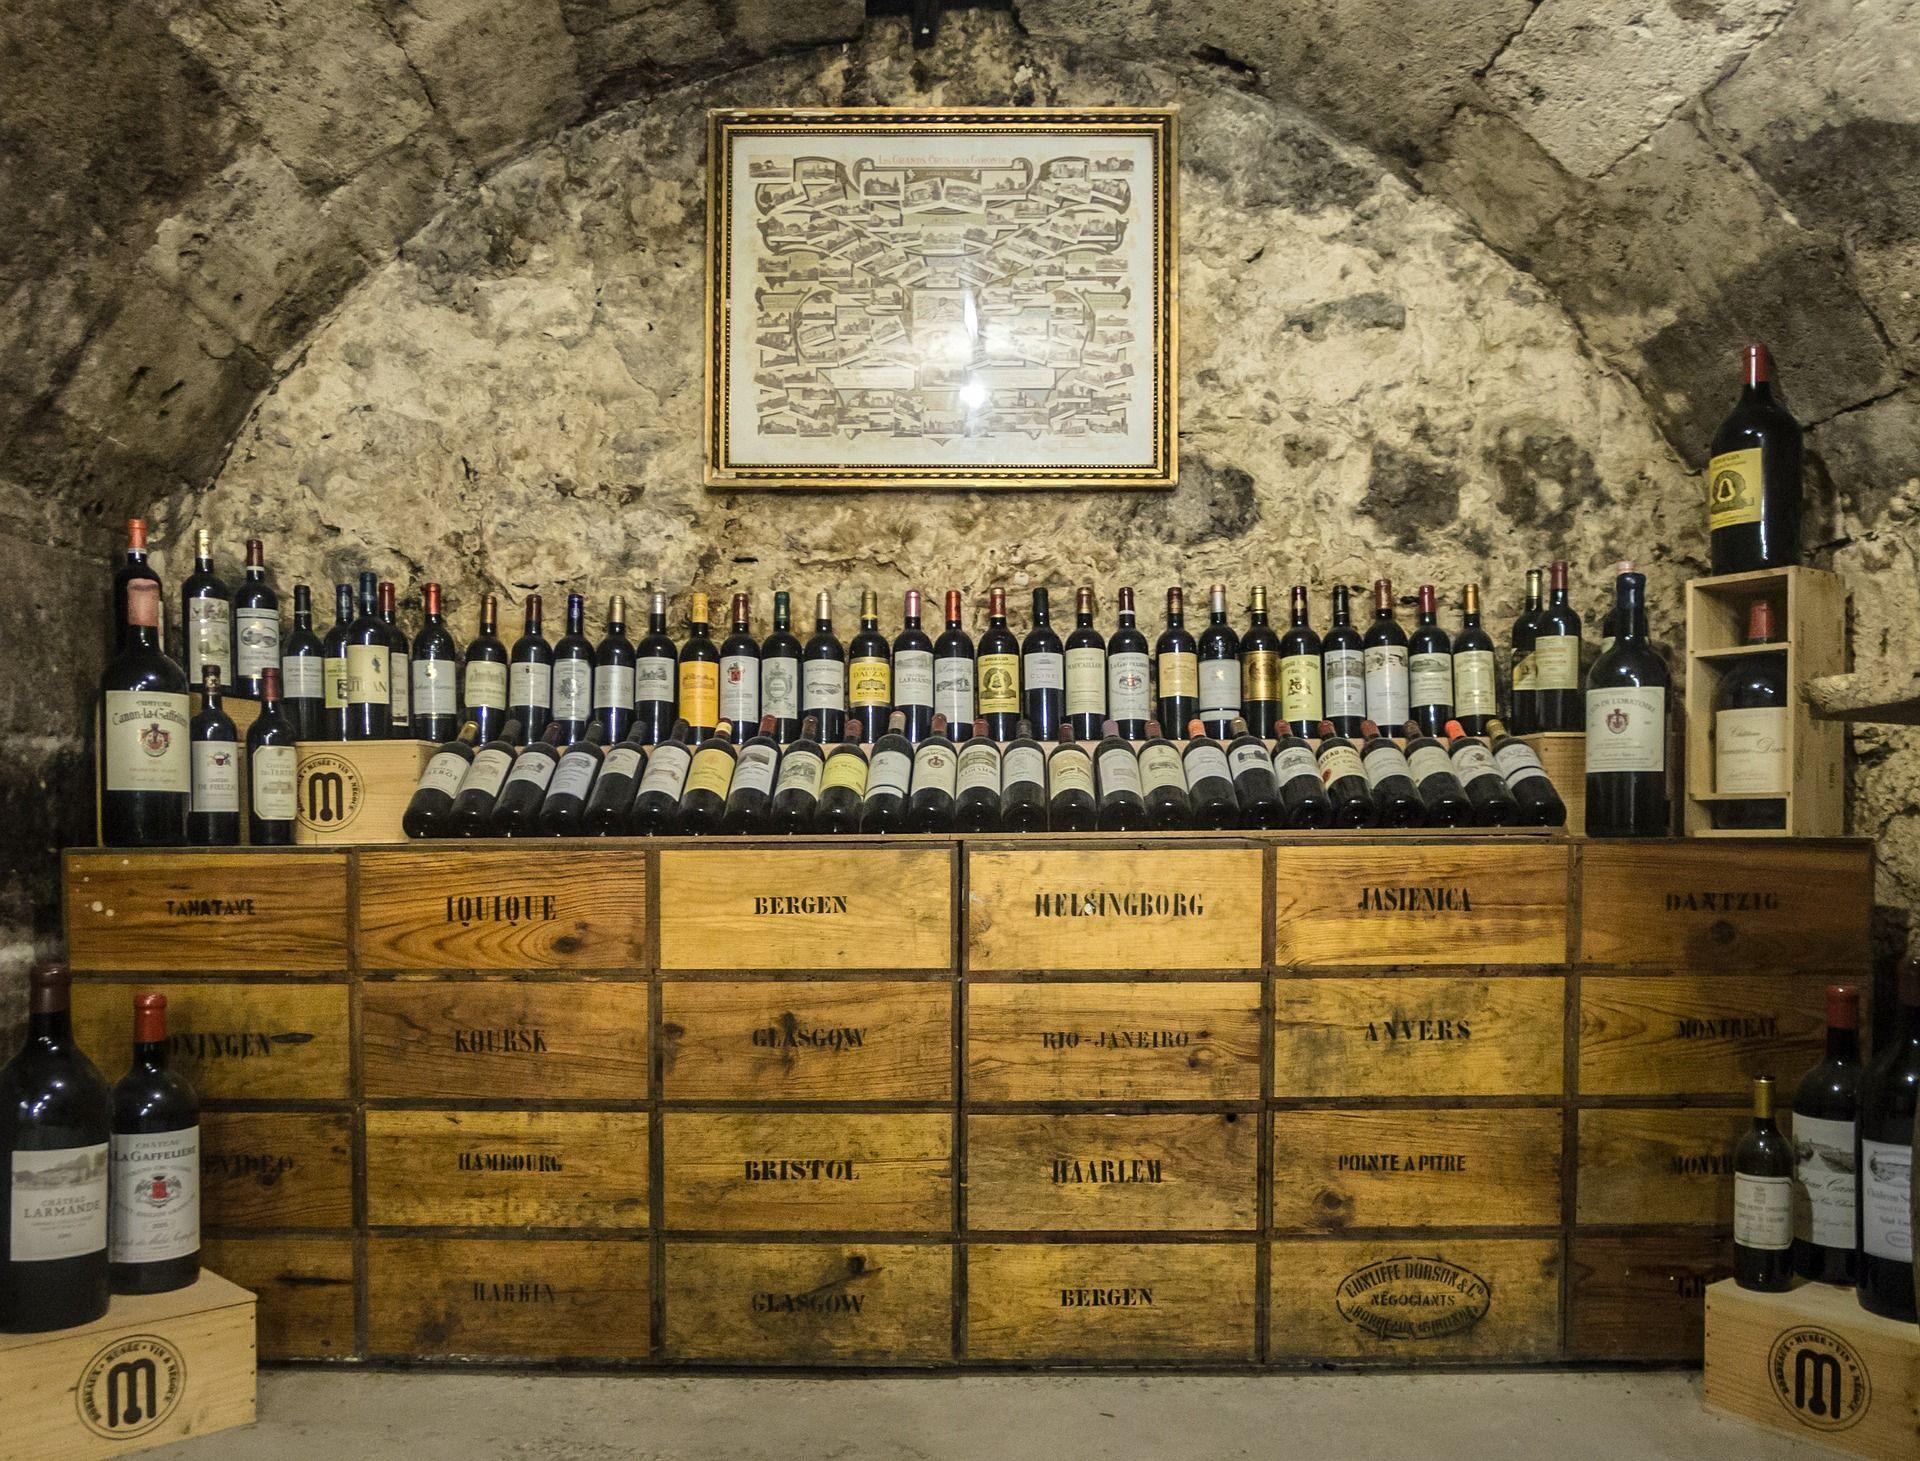 La mejor selección de vinos y licores